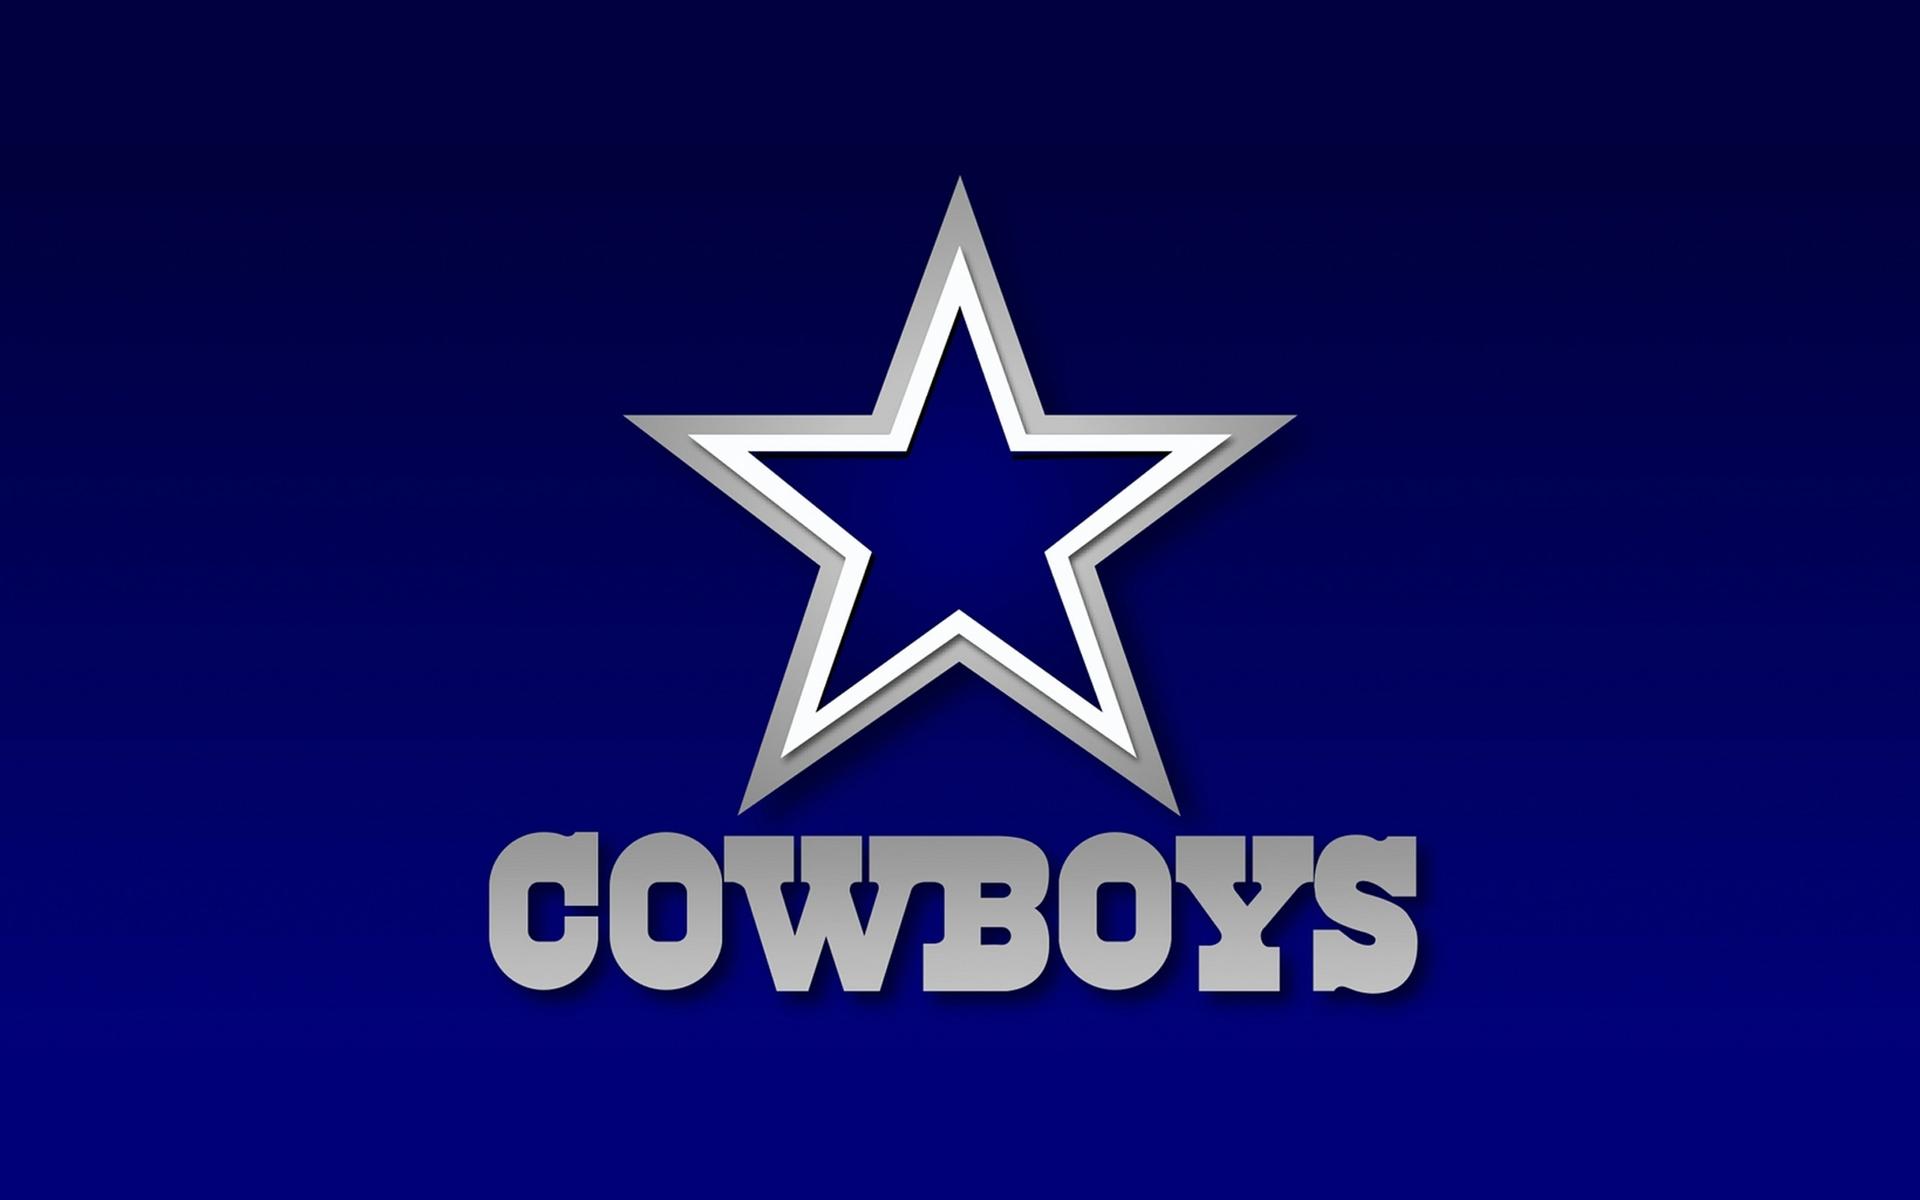 cowboys wallpaper 14659